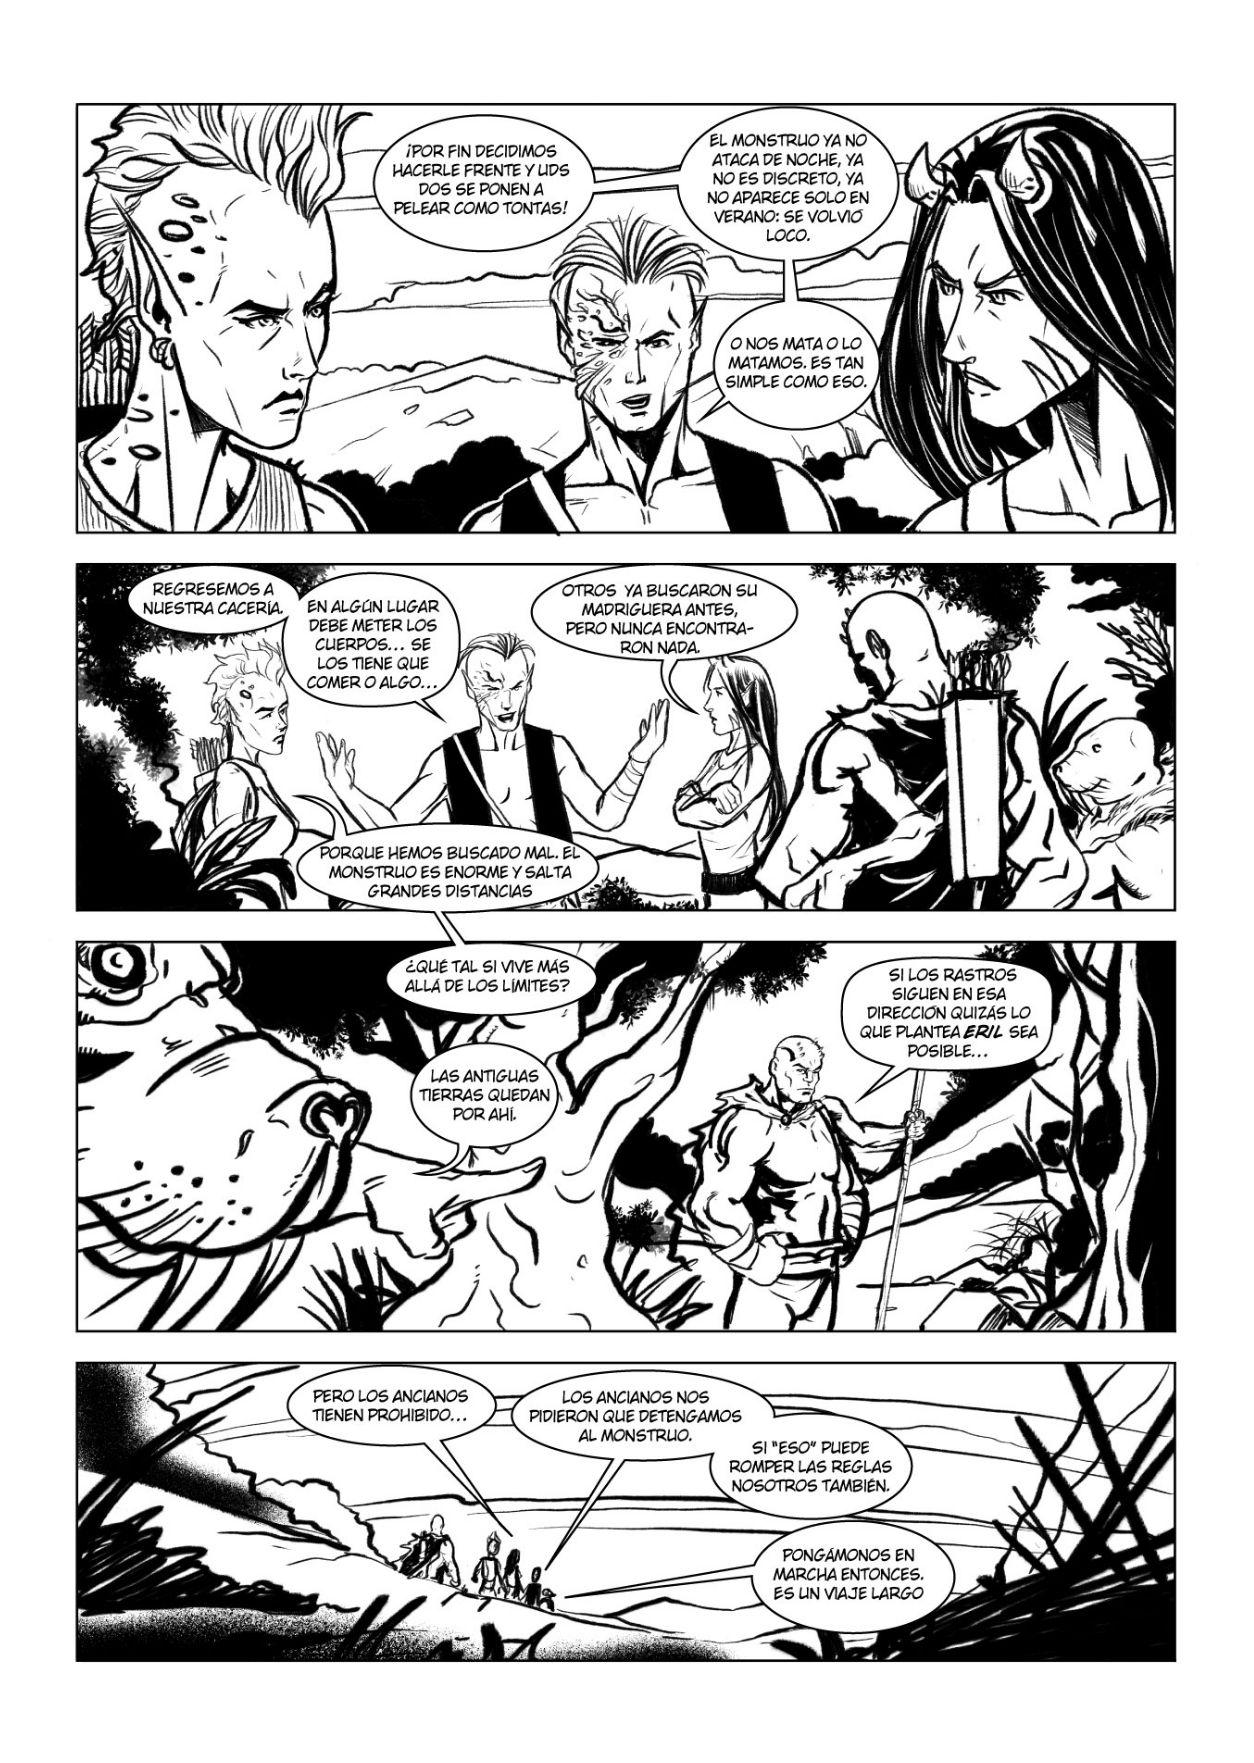 Monstruo-y-otras-historias-32